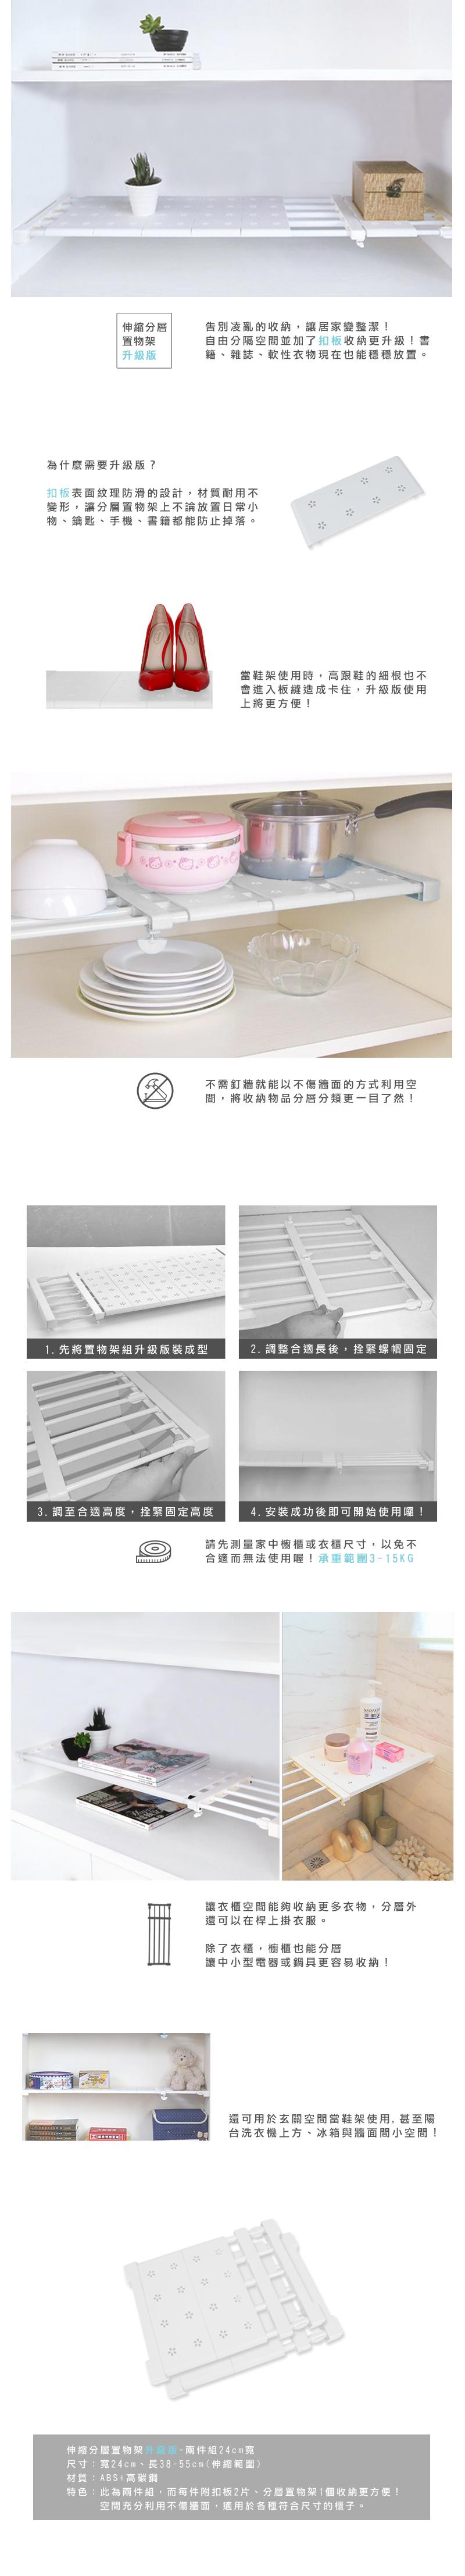 伸縮分層置物架升級版-兩件組24cm寬NEW